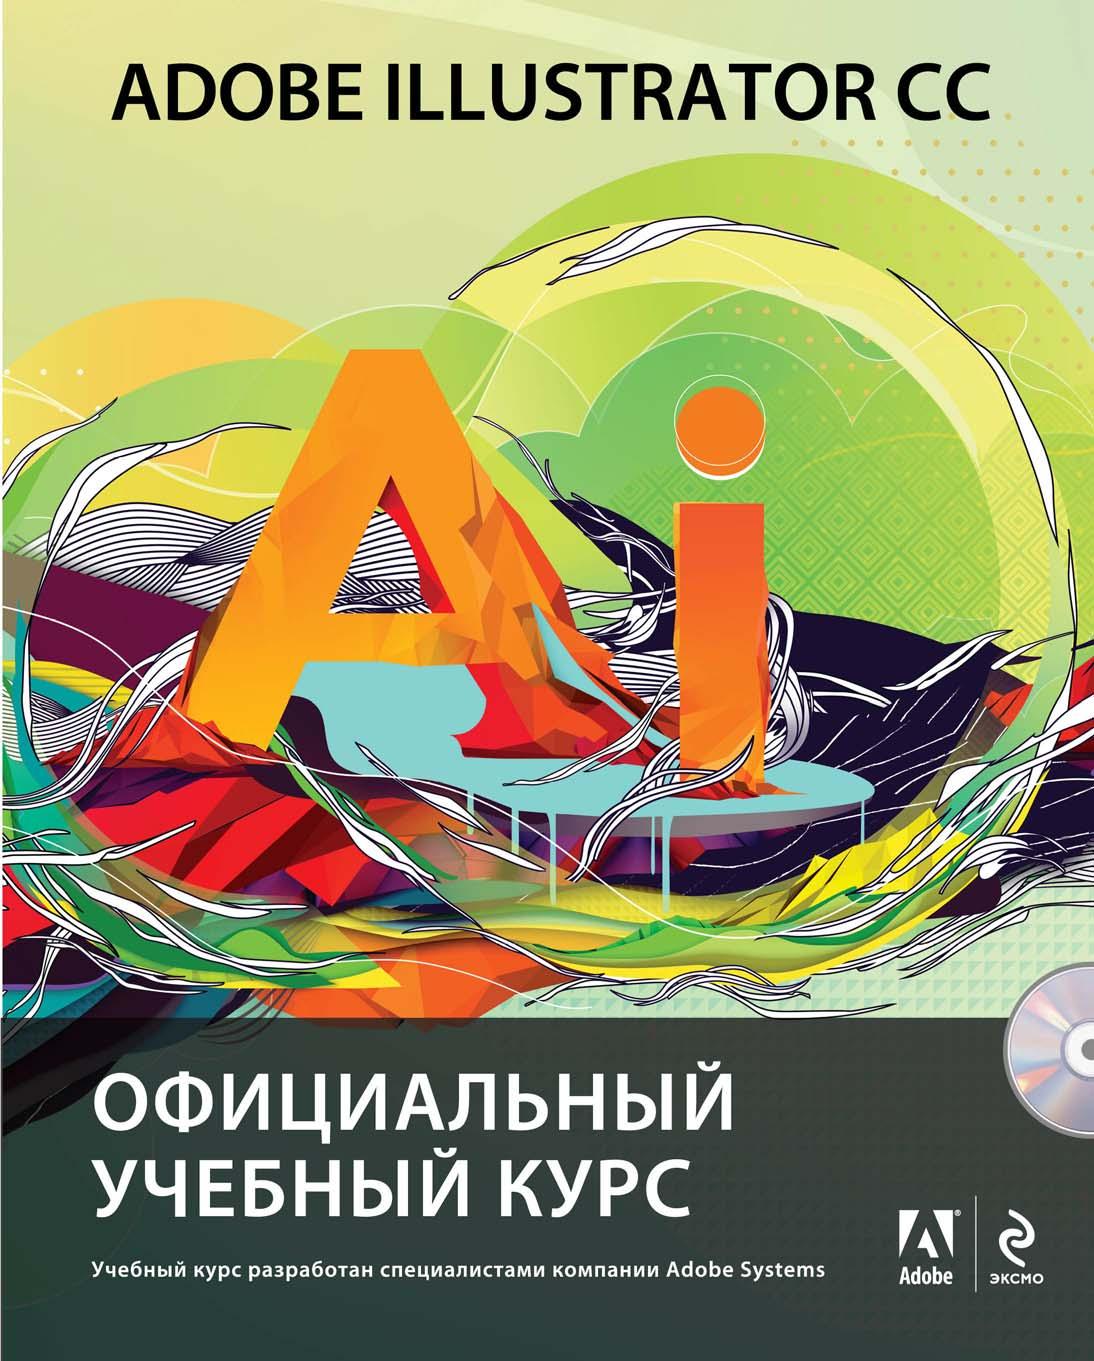 Коллектив авторов Adobe Illustrator CC коллектив авторов adobe illustrator cs5 page 5 page 3 page 2